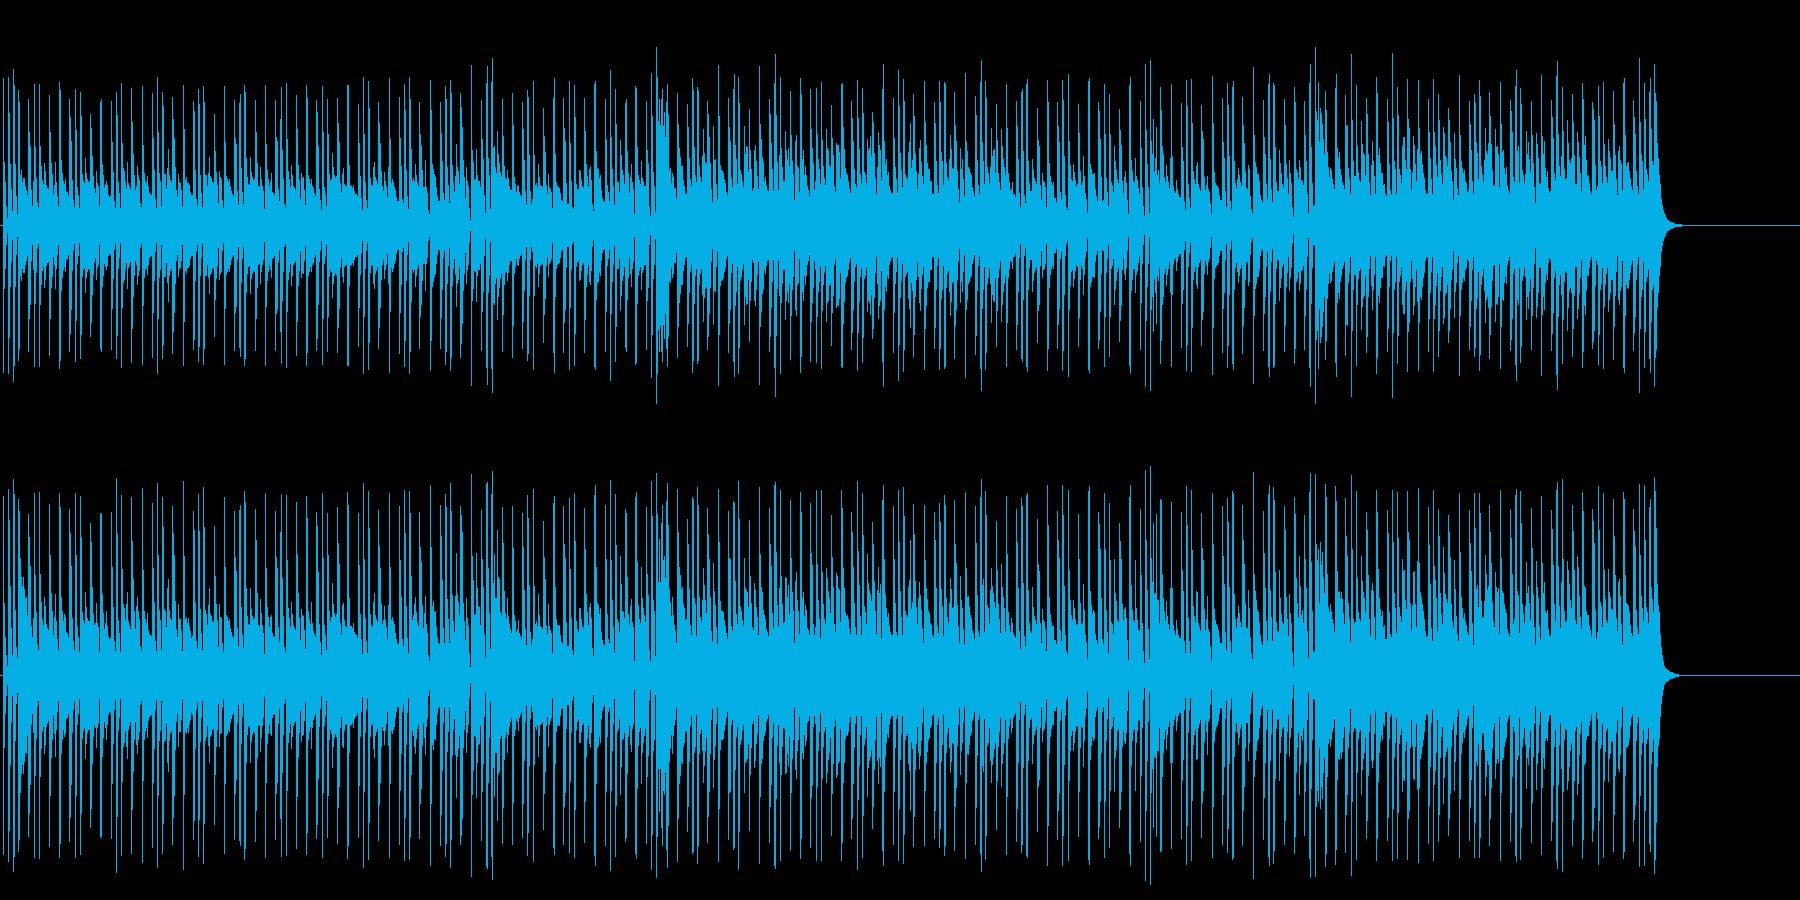 軽さのあるマイナー・テクノ・ポップ/BGの再生済みの波形